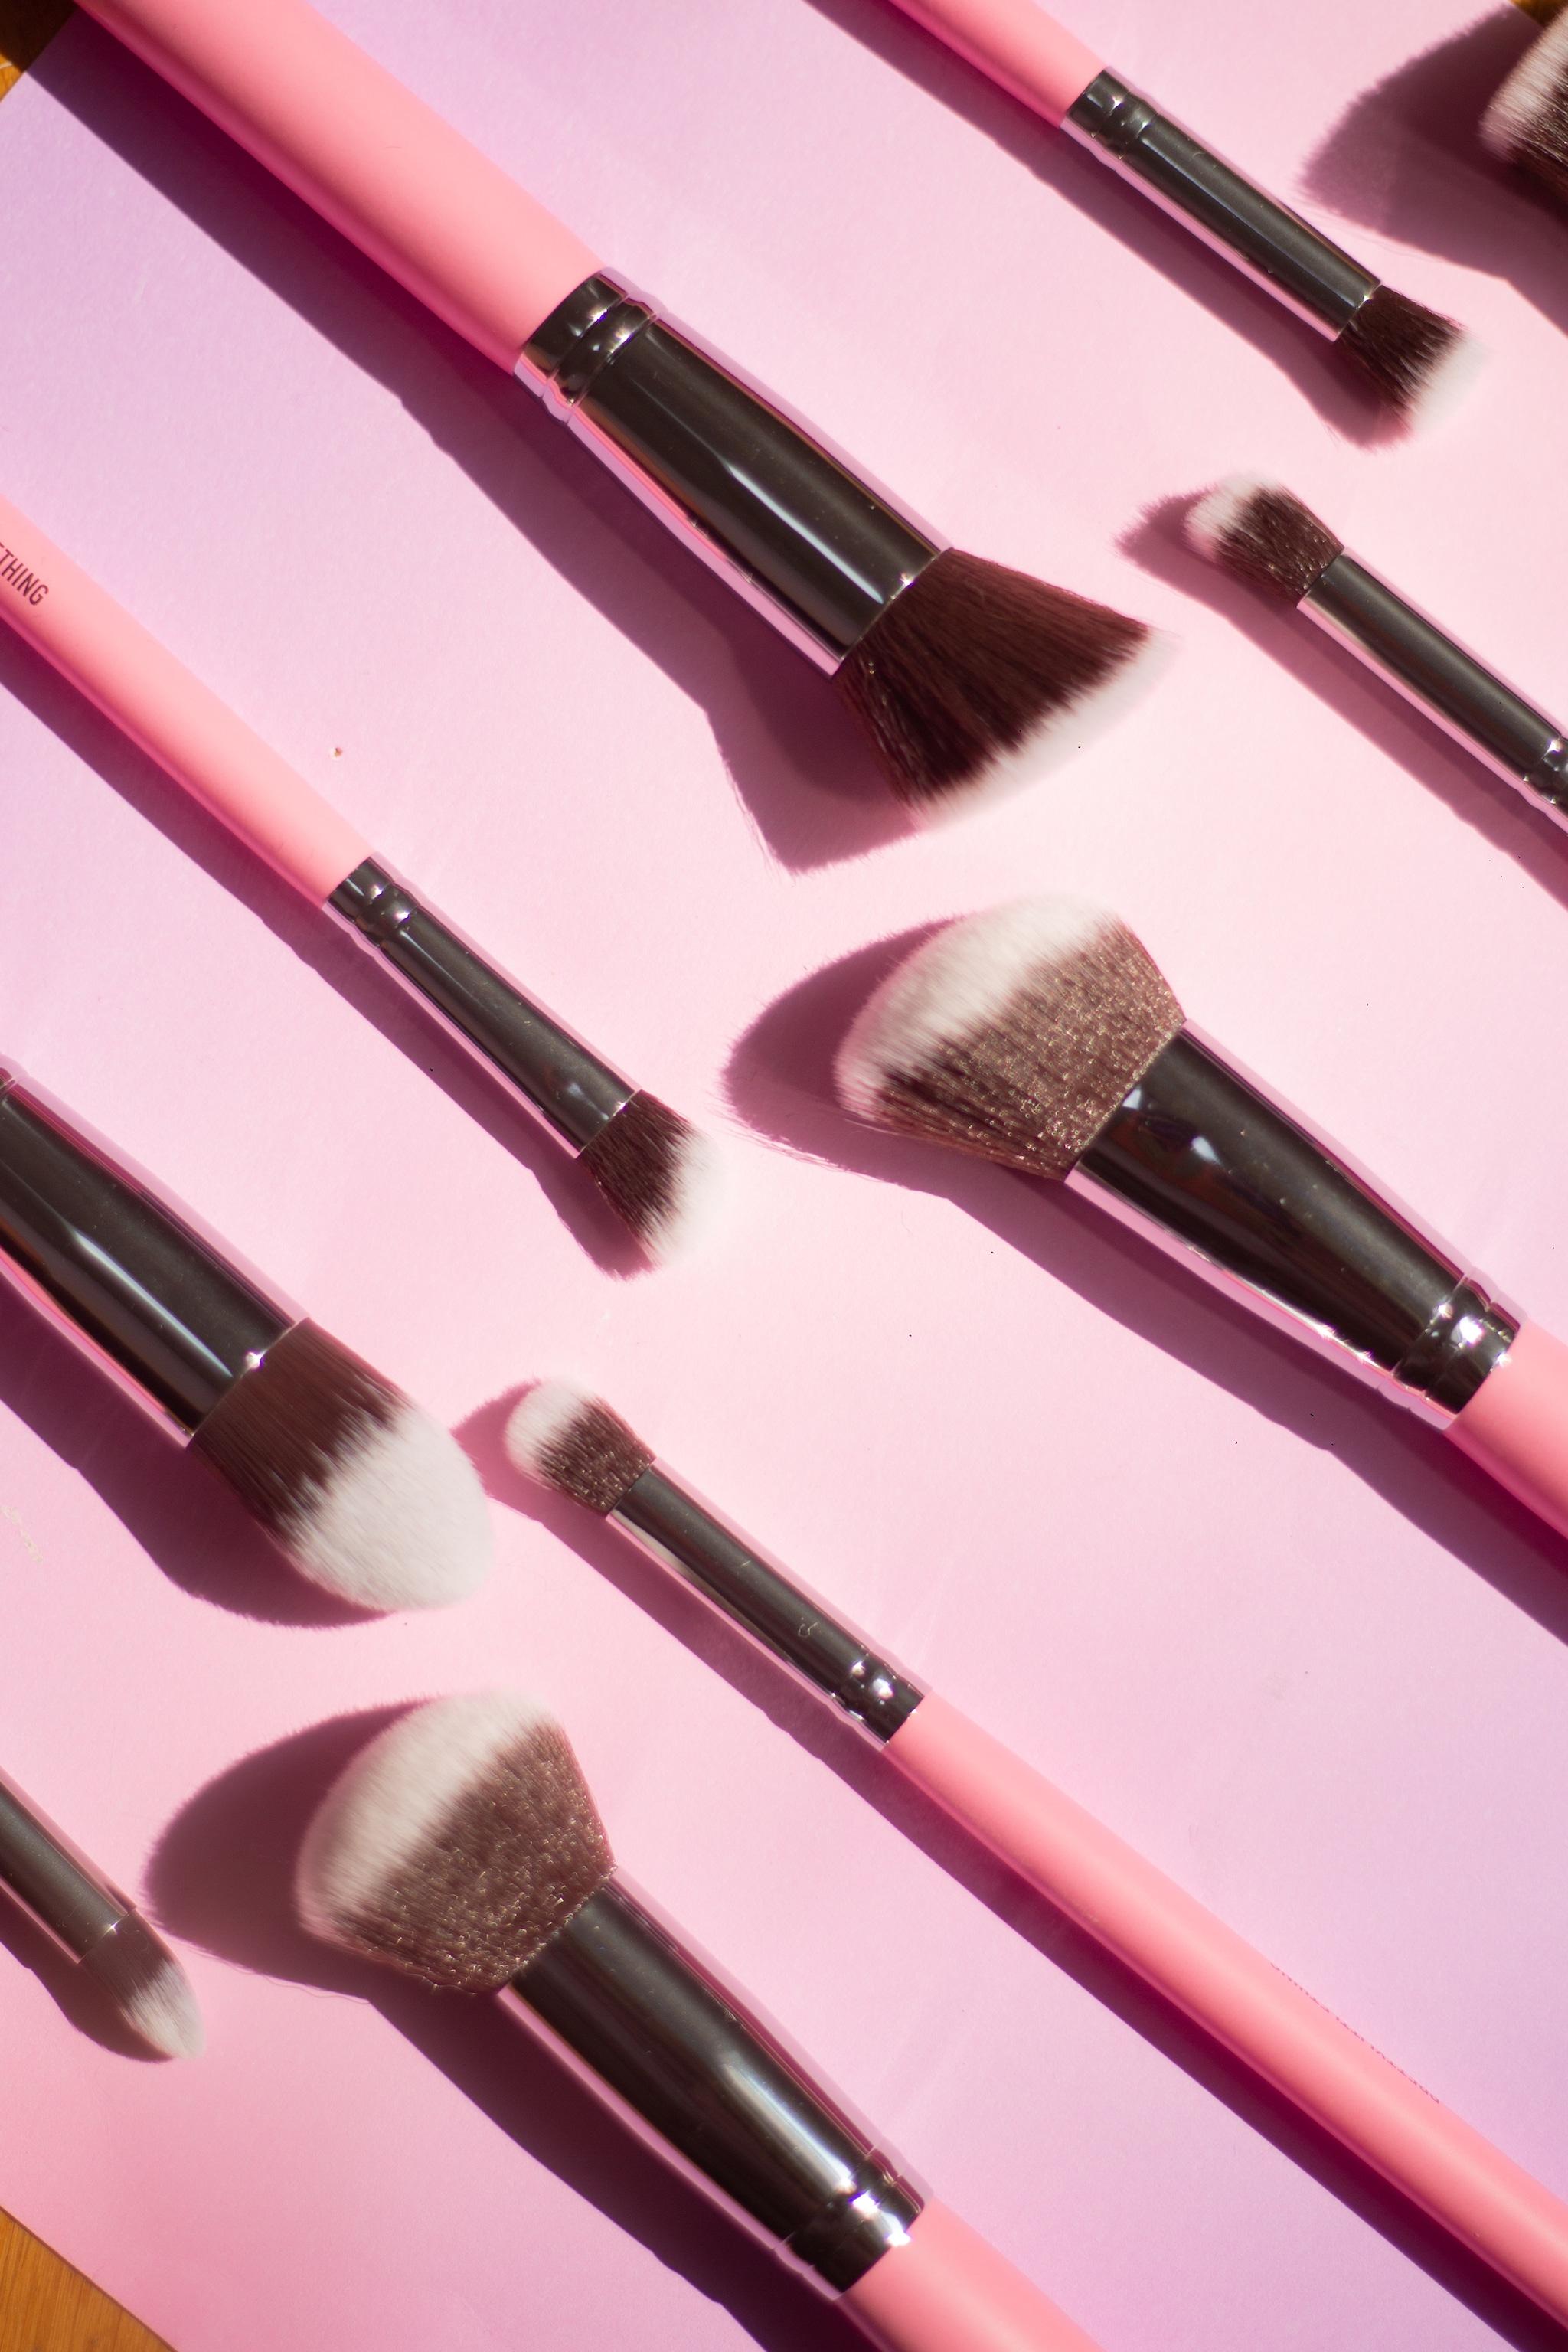 PRETTYLITTLETHING Pink 10 Piece Kabuki Makeup Brush Set 3